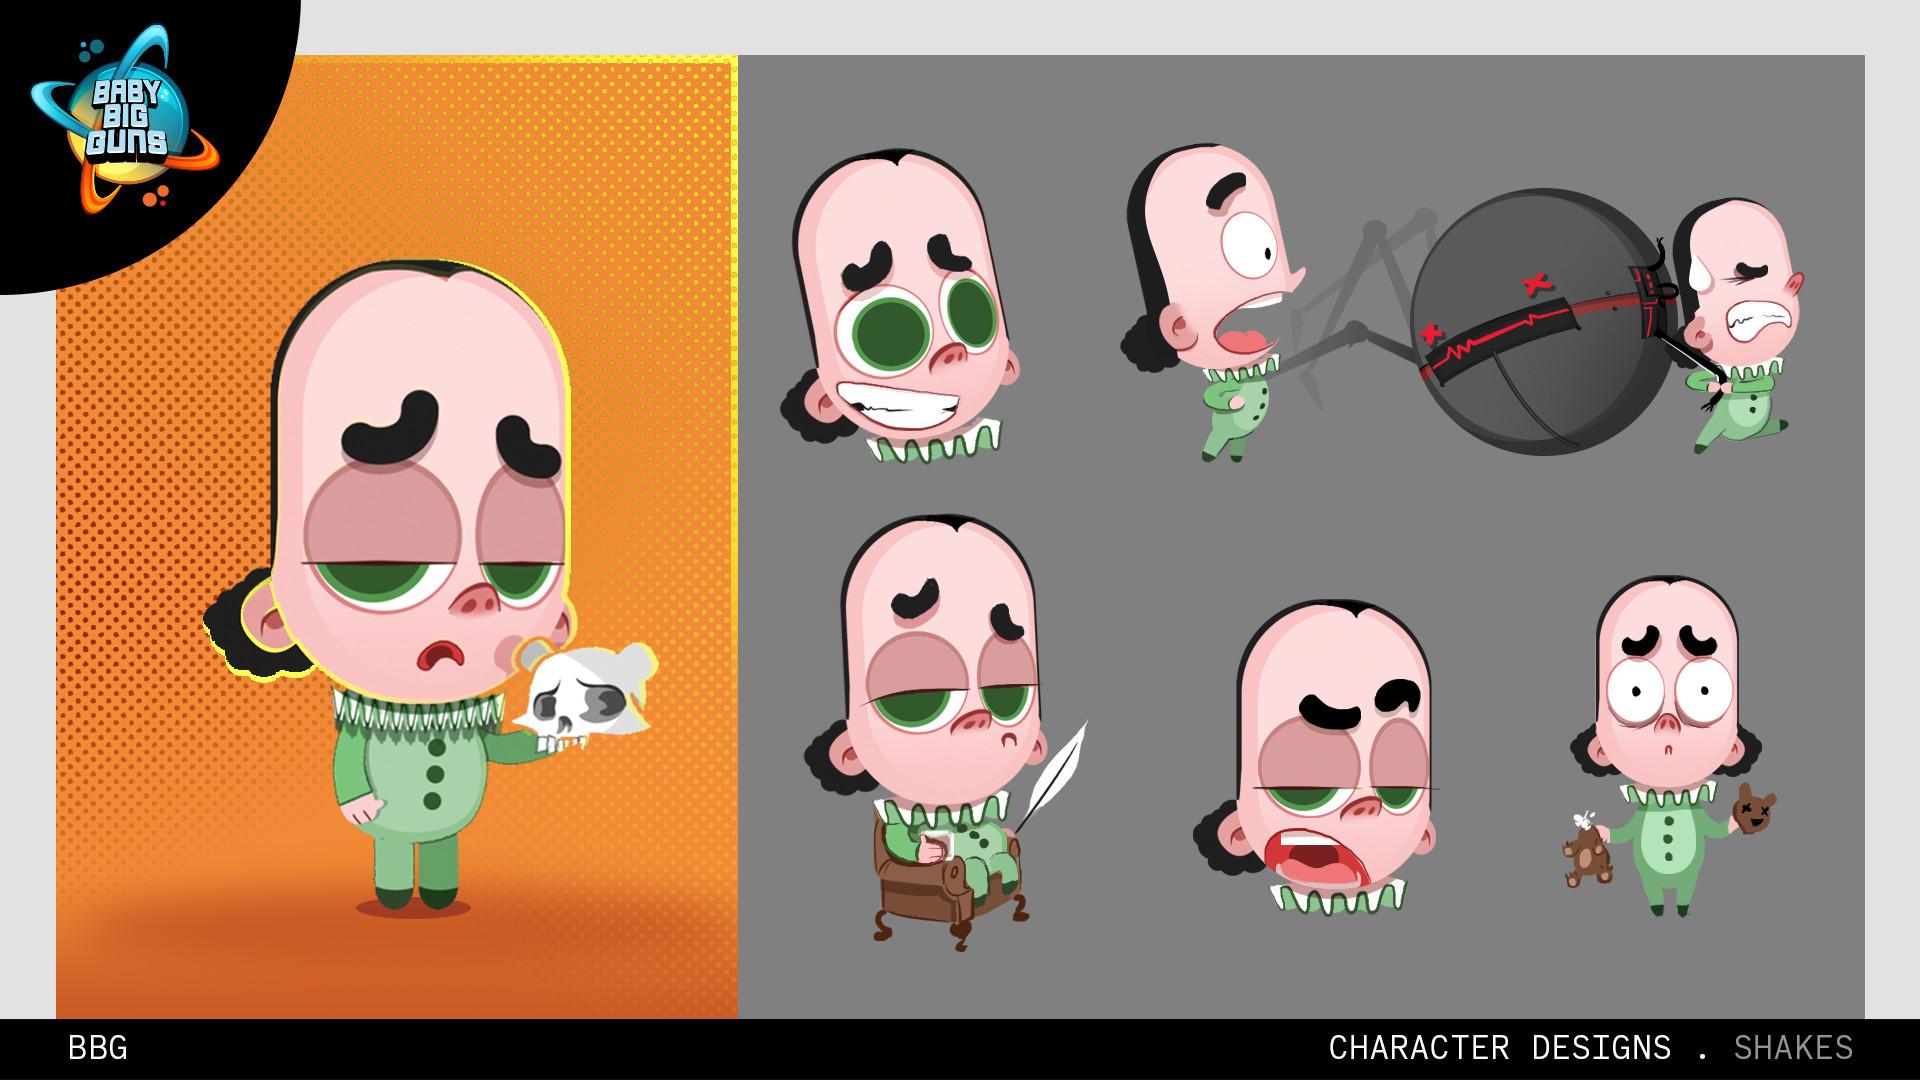 BBG-websiteCharacterPages_Shakes_v01.jpg